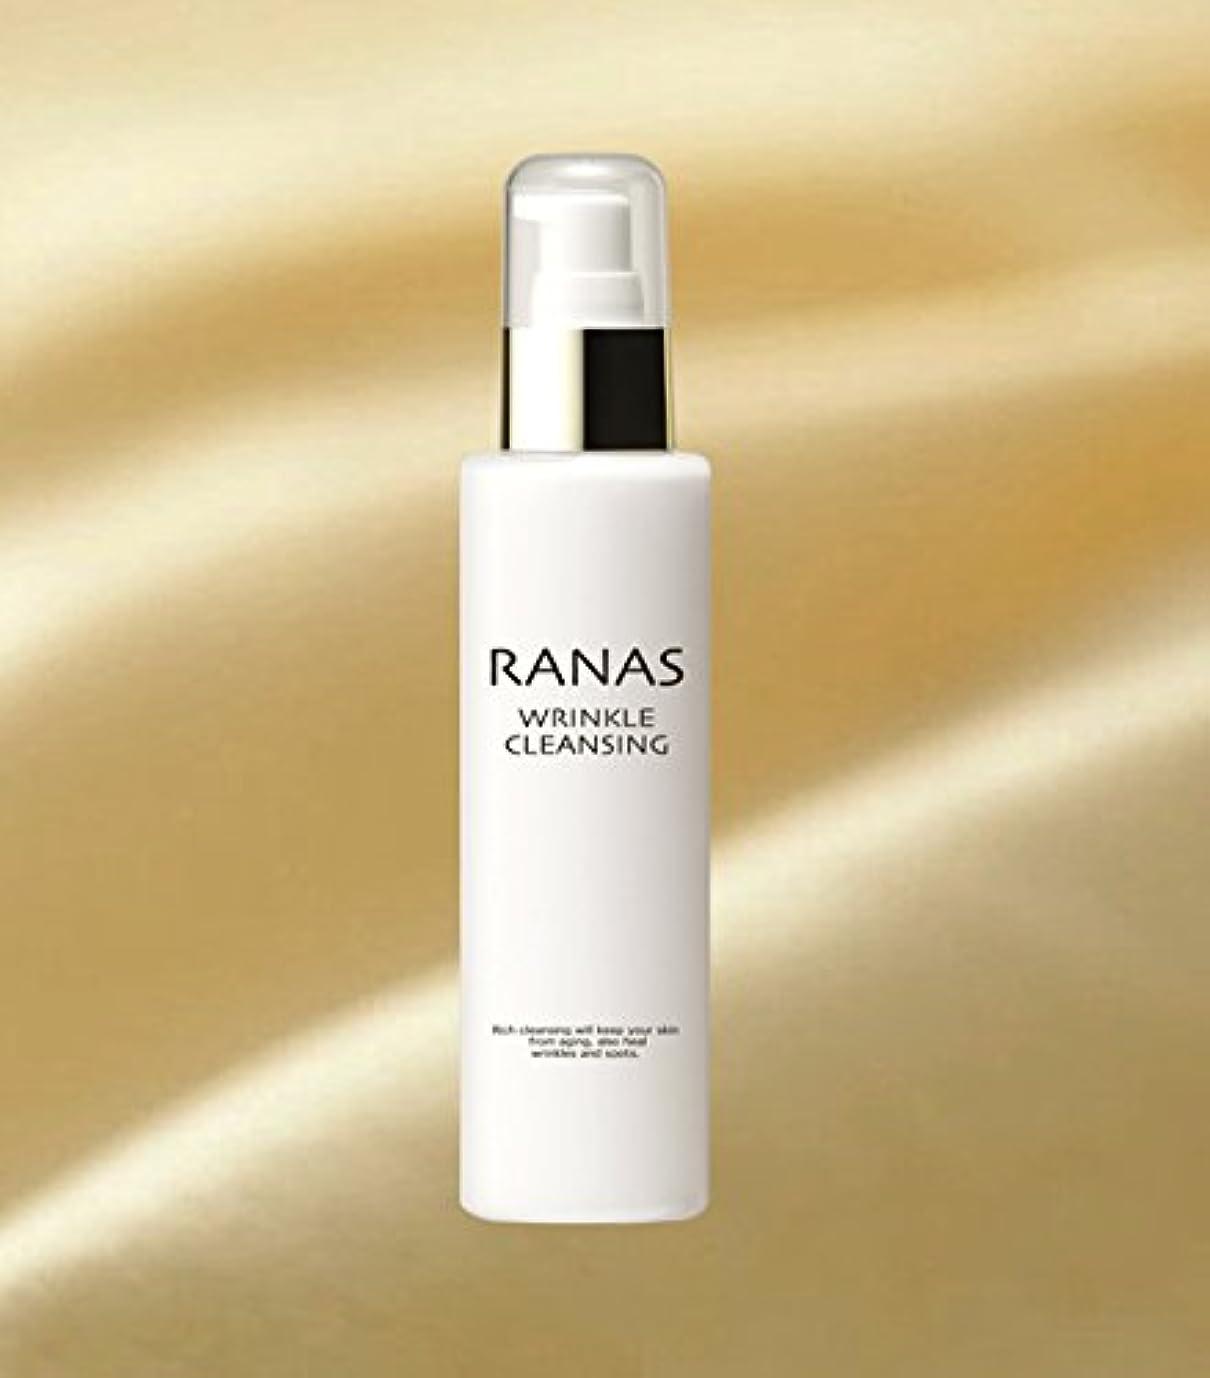 適切に取得する試用ラナス スペシャル リンクルクレンジング(150ml) Ranas Special Wrinkle cleansing